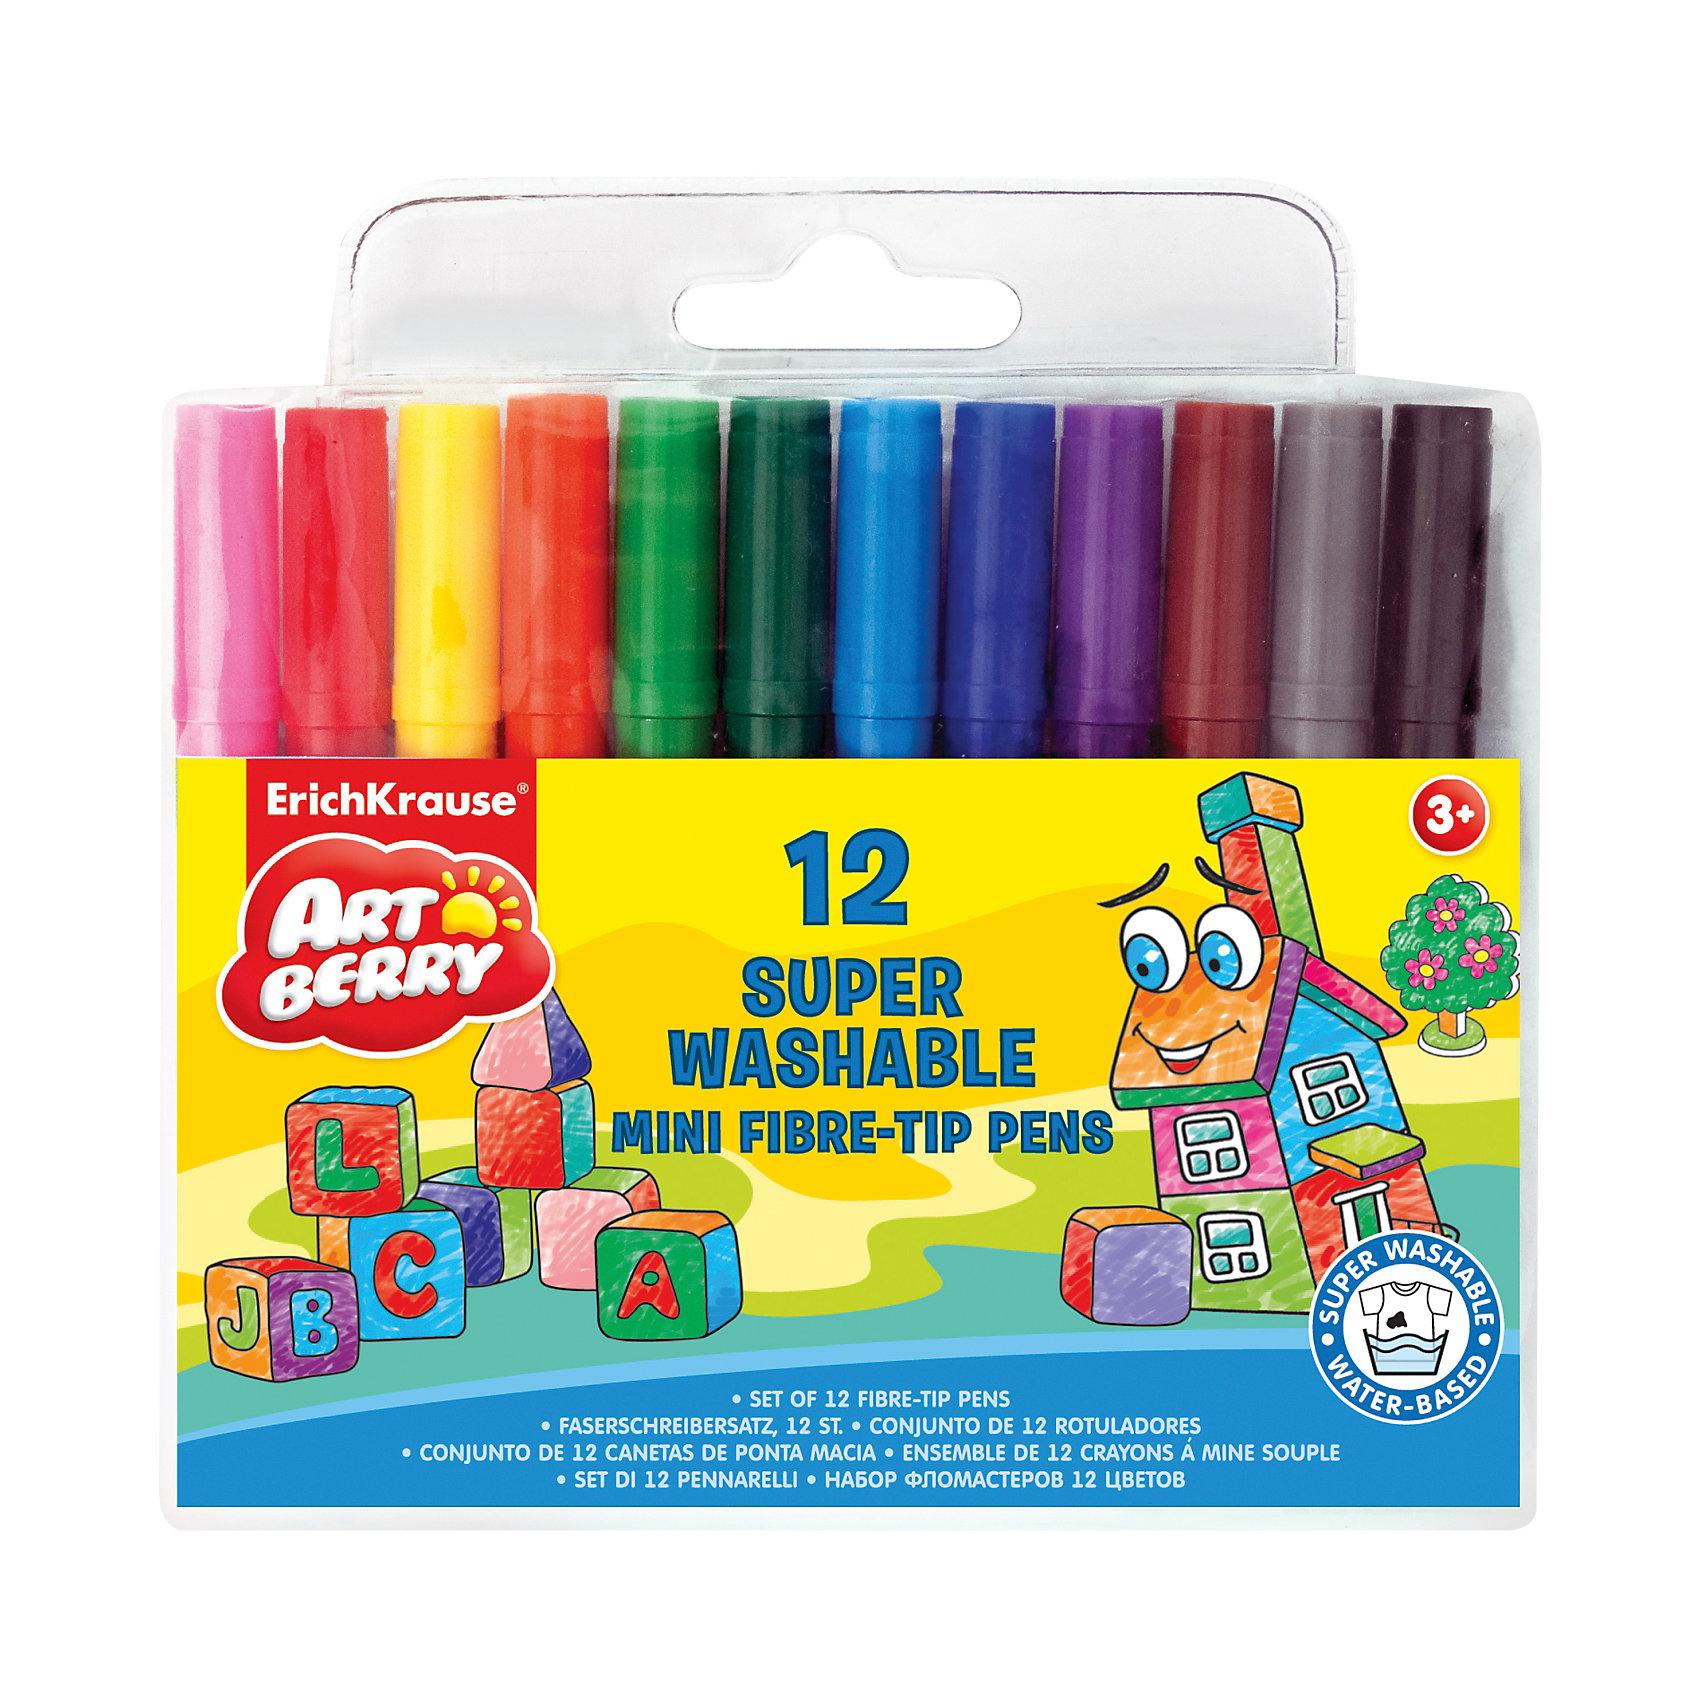 Мини-фломастеры, 12 цв.Рисование<br>Разве есть ребенок, который не любит рисовать яркими и удобными фломастерами? Мини-фломастеры Artberry разработаны специально для детей, осваивающих рисование. В наборе - 12 фломастеров разных цветов, здесь собраны основные оттенки, необходимые маленьким художникам. Рисование помогает детям развивать усидчивость, воображение, образное восприятие мира, а также мелкую моторику рук. <br>Фломастеры сделаны из безопасных для детей материалов (качественного пластика). Главное преимущество этих фломастеров: они отлично смываются водой с разных поверхностей. Укороченная форма помогает крепко держать их даже маленькой рукой. Удобная упаковка  поможет хранить фломастеры и не терять их. Вентилируемый колпачок обеспечит безопасное использование фломастеров.<br><br>Дополнительная информация:<br><br>комплектация: 12 шт;<br>удобная упаковка;<br>размер: 14 ? 1 ? 12 см;<br>длина непрерывной линии: 600 м;<br>яркие цвета;<br>смываются водой;<br>вентилируемый колпачок.<br><br>Мини-фломастеры, 12 цв. можно купить в нашем магазине.<br><br>Ширина мм: 140<br>Глубина мм: 10<br>Высота мм: 130<br>Вес г: 82<br>Возраст от месяцев: 36<br>Возраст до месяцев: 204<br>Пол: Унисекс<br>Возраст: Детский<br>SKU: 4682076